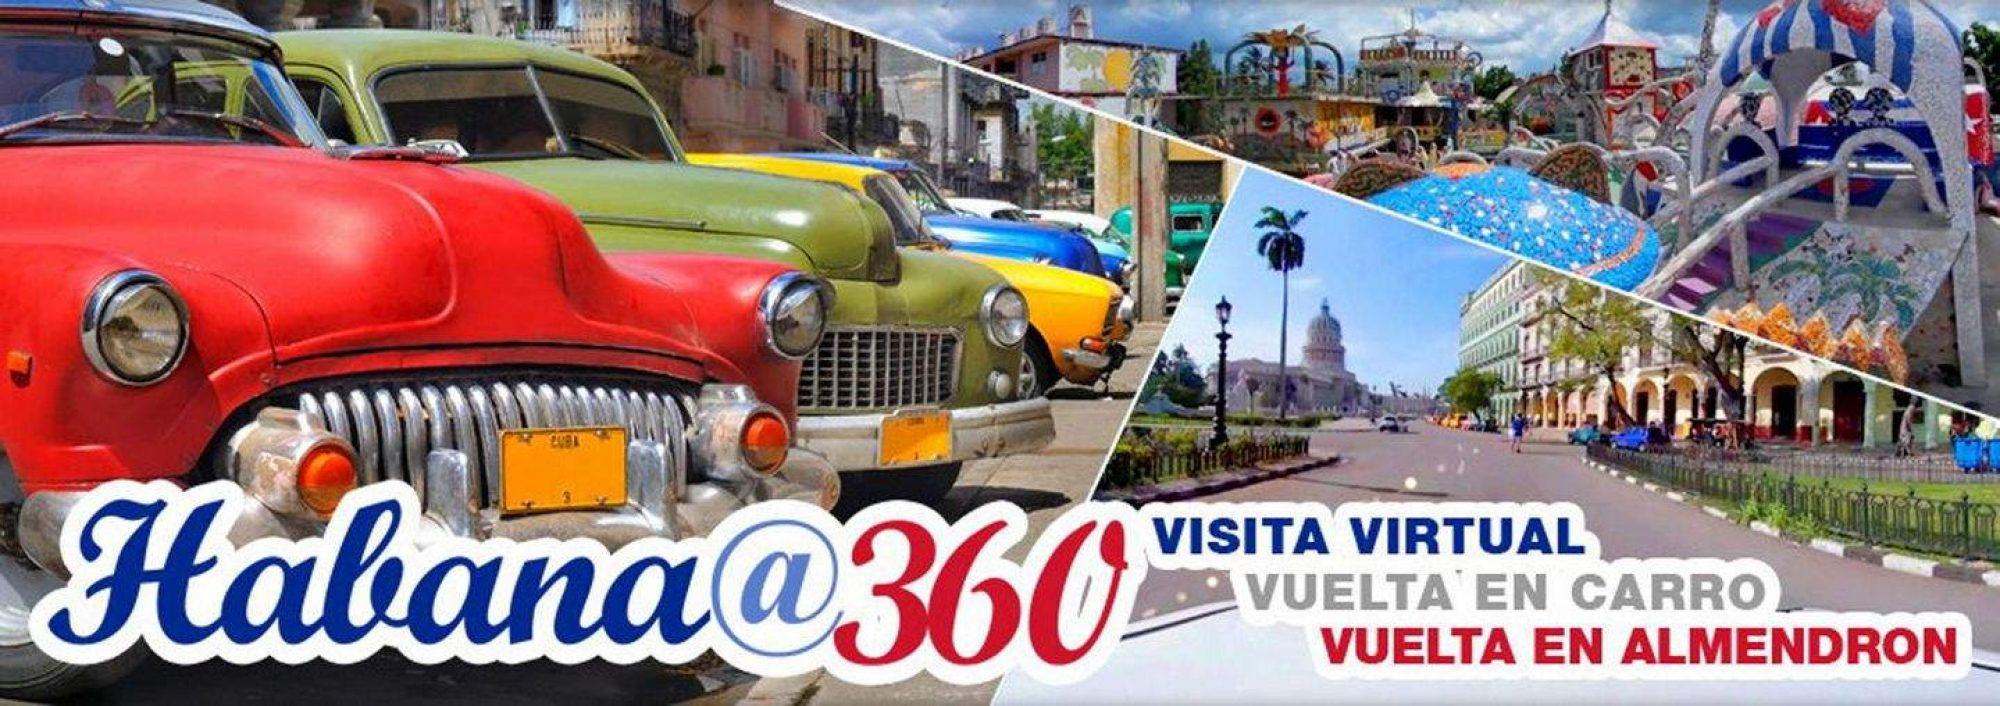 Habana 360 VR